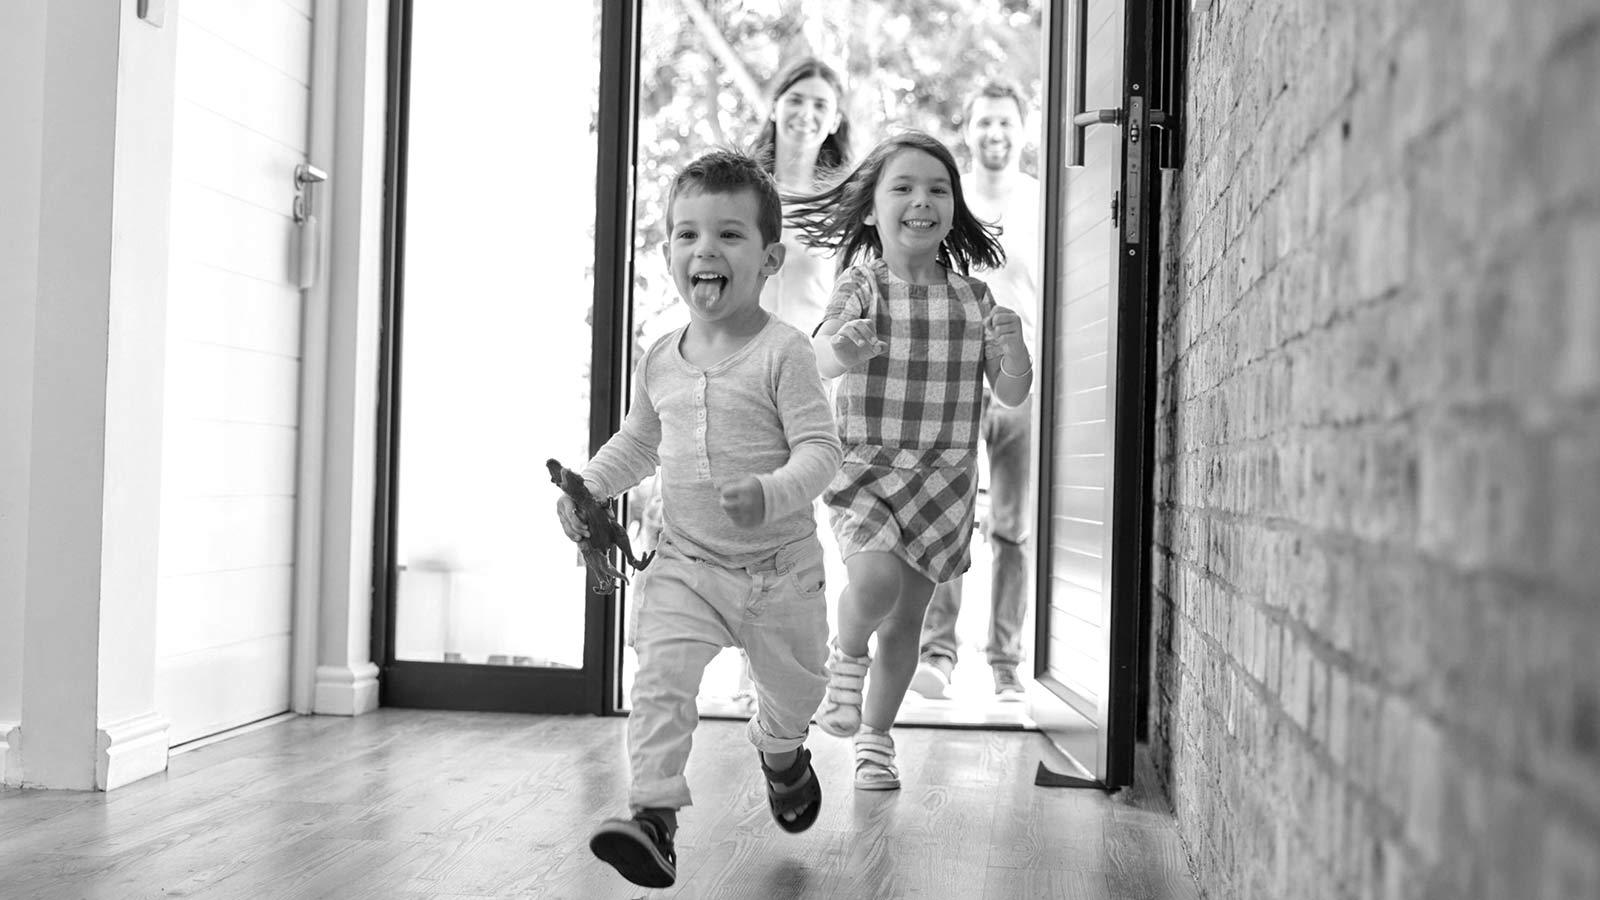 Kinder laufen in ein Haus rein. Bild von der Podium Swiss Küchen Website